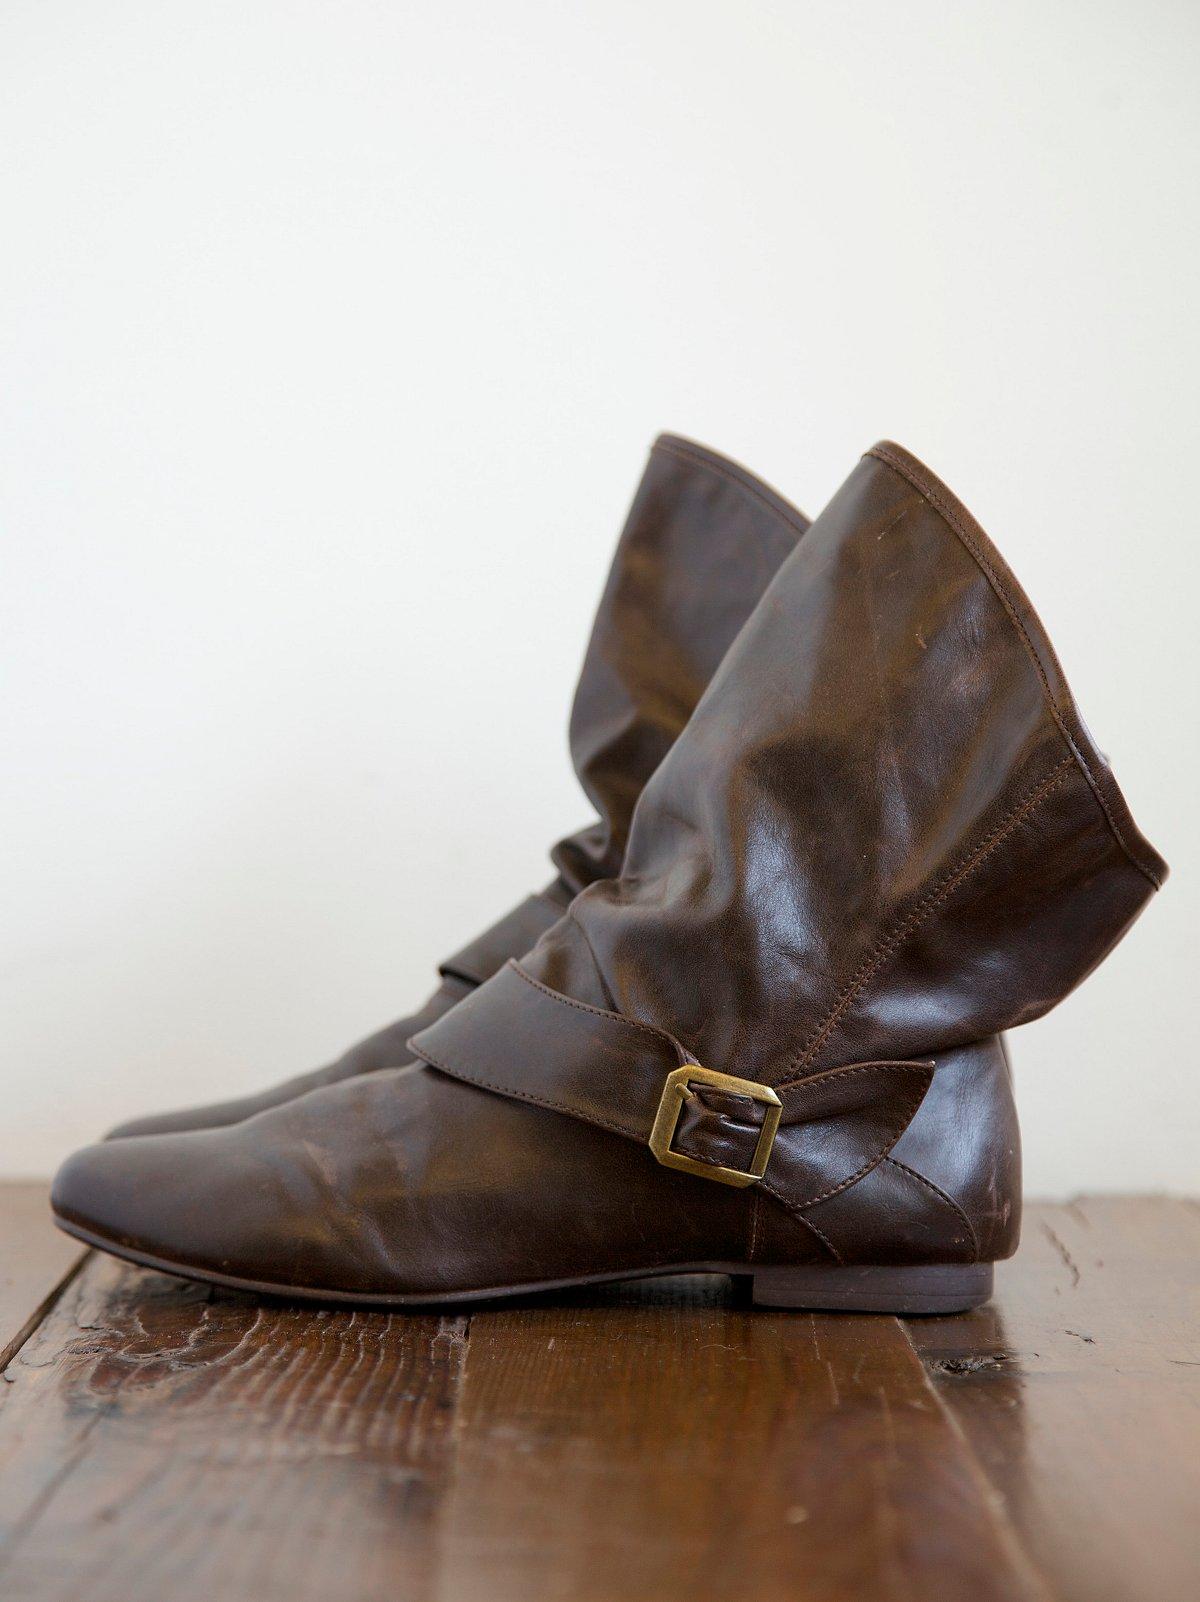 Vintage 1980s Shortie Boots